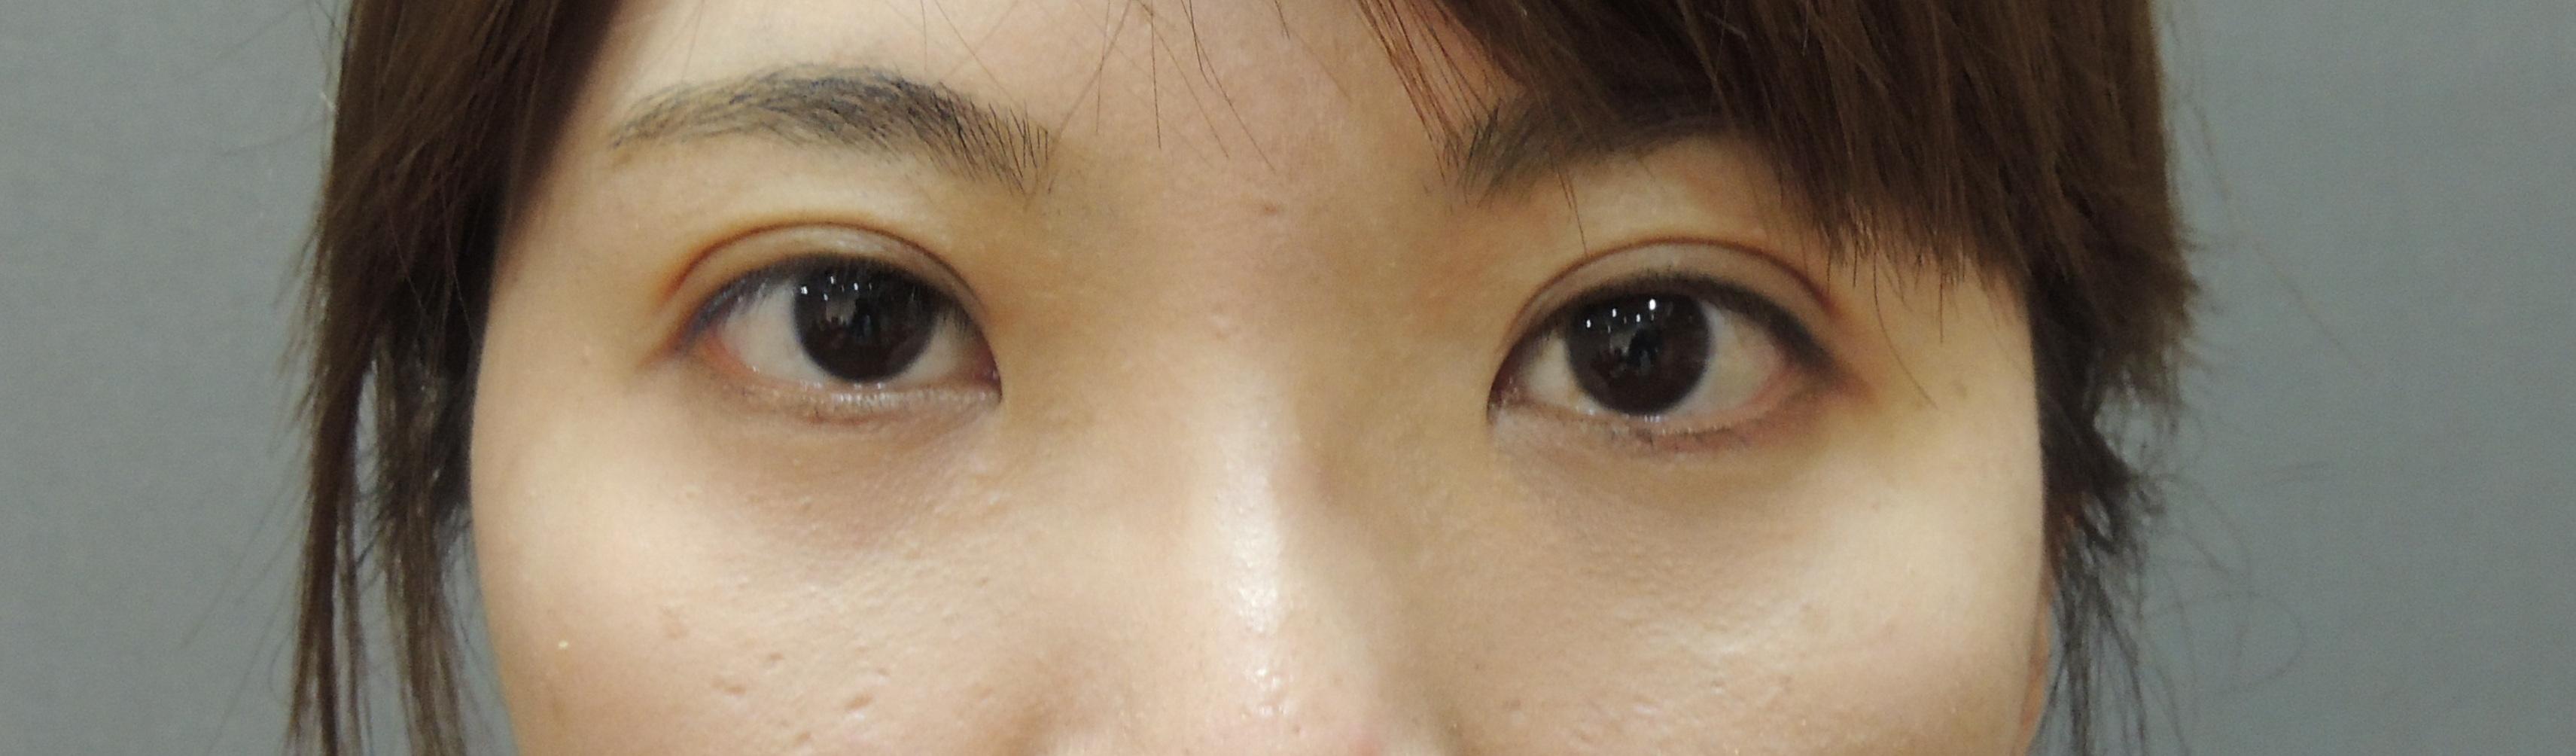 訂書機雙眼皮